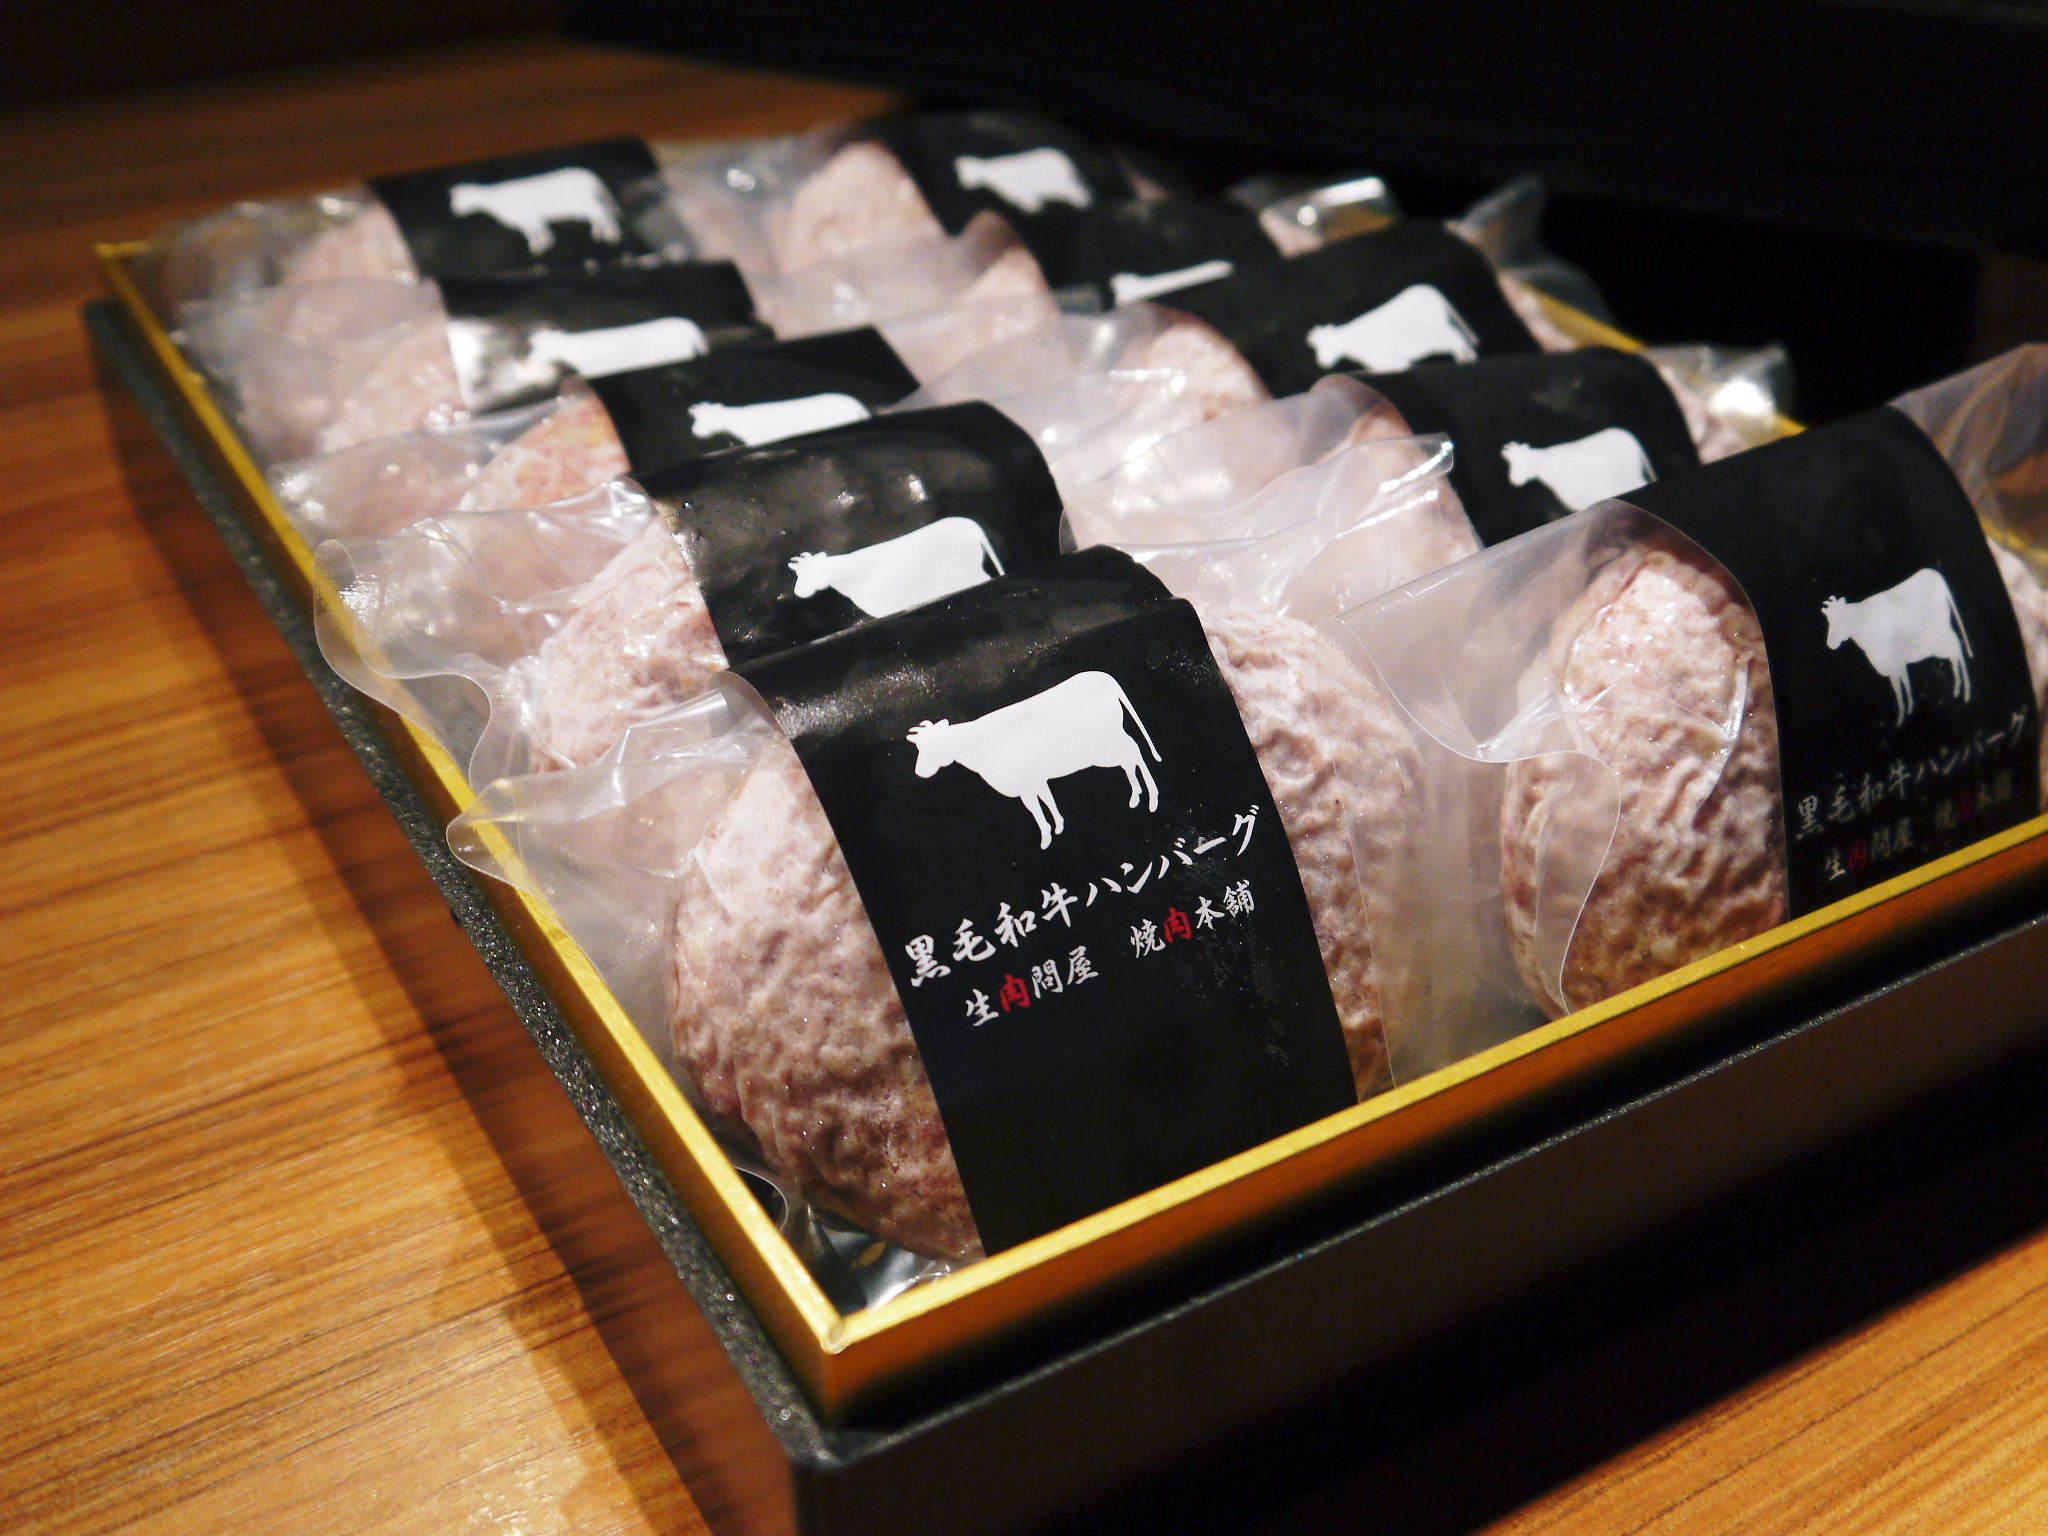 熊本県産の黒毛和牛100%のハンバーグステーキ!数量限定販売中!令和3年2月は17日(水)の出荷です! _a0254656_14453717.jpg